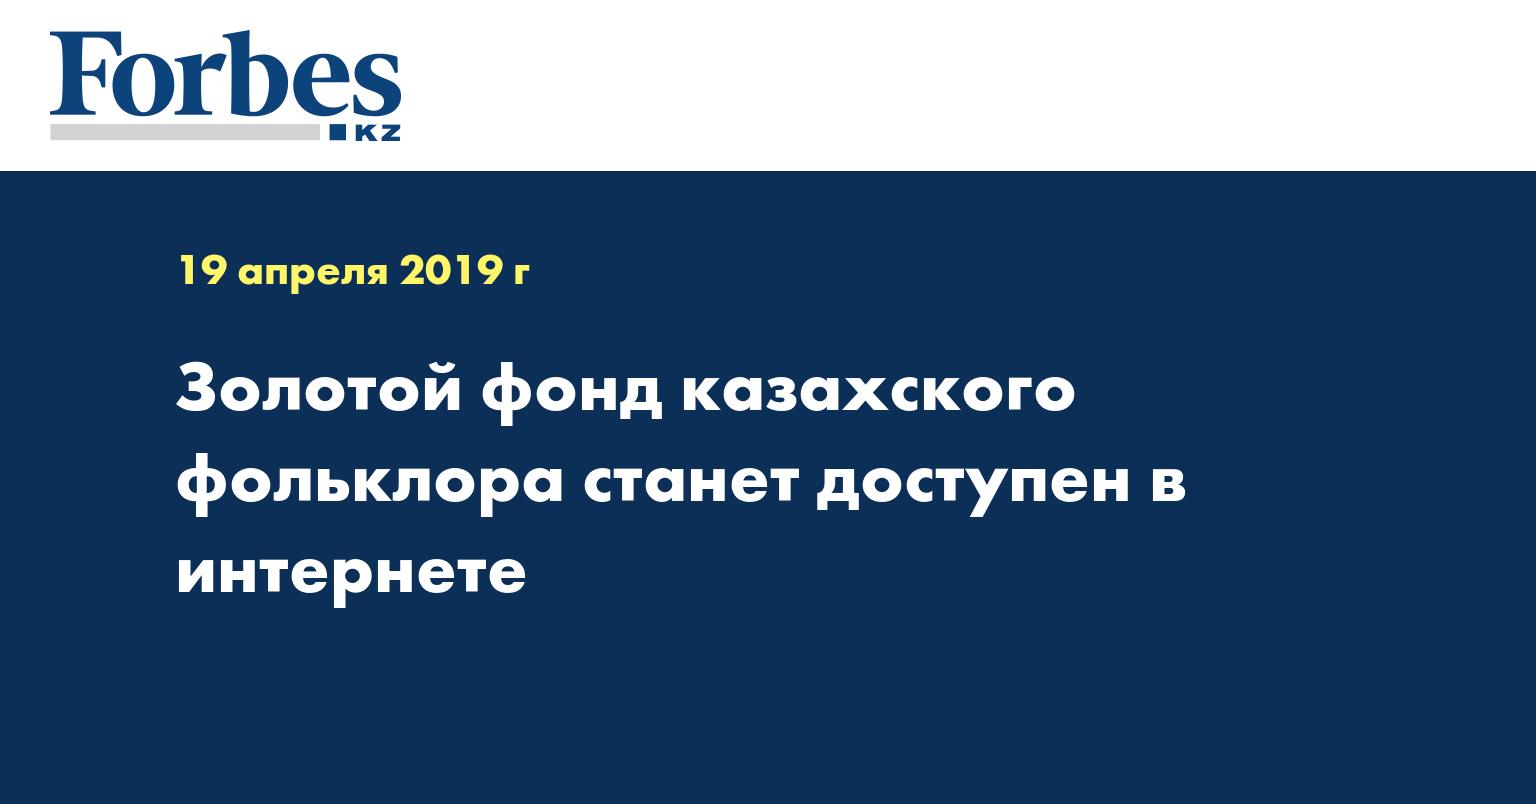 Золотой фонд казахского фольклора станет доступен в интернете